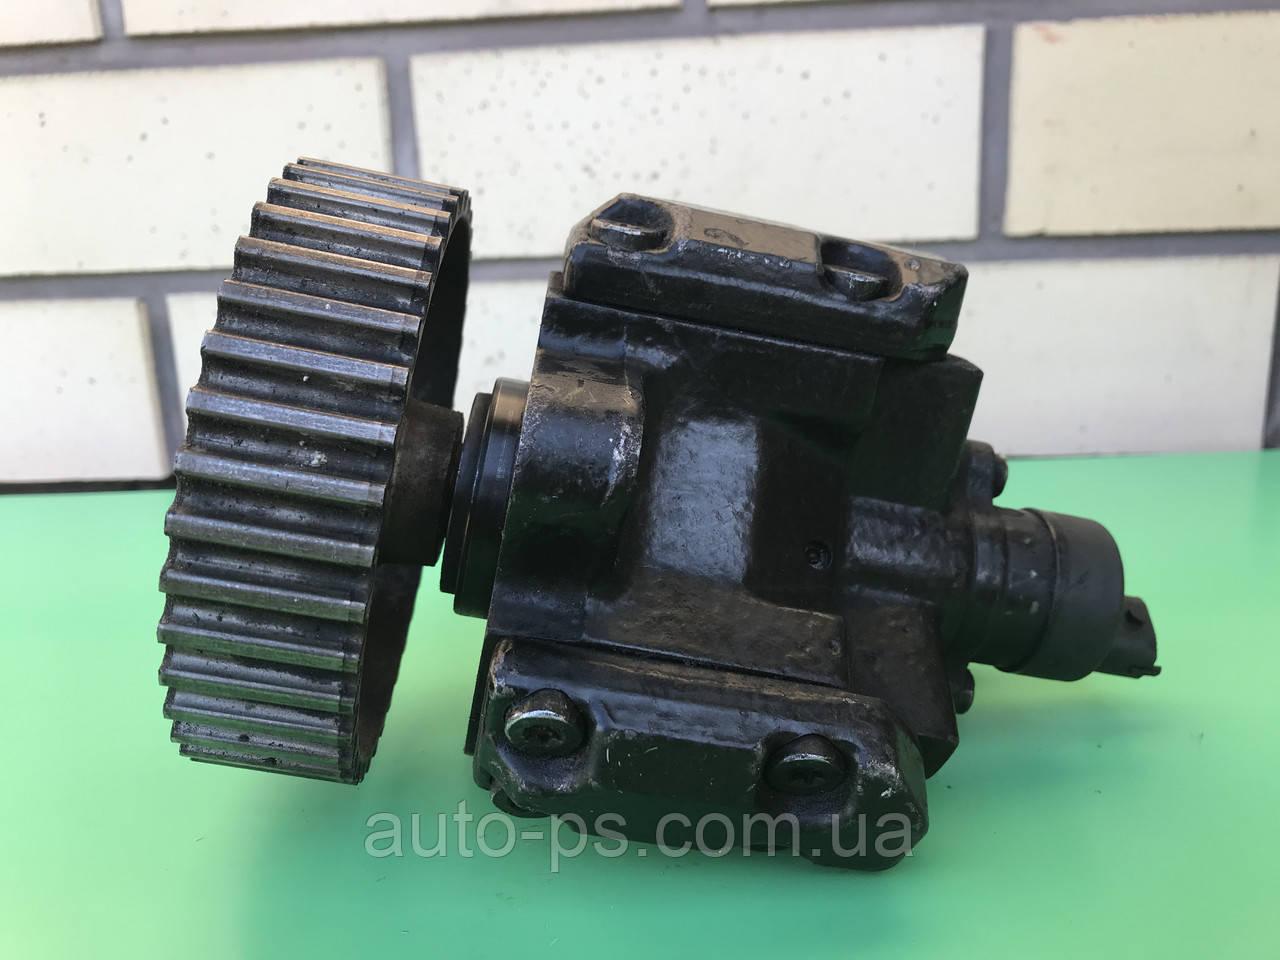 Топливный насос высокого давления (ТНВД) Lancia Lybra 2.4JTD 1999-2005 год.